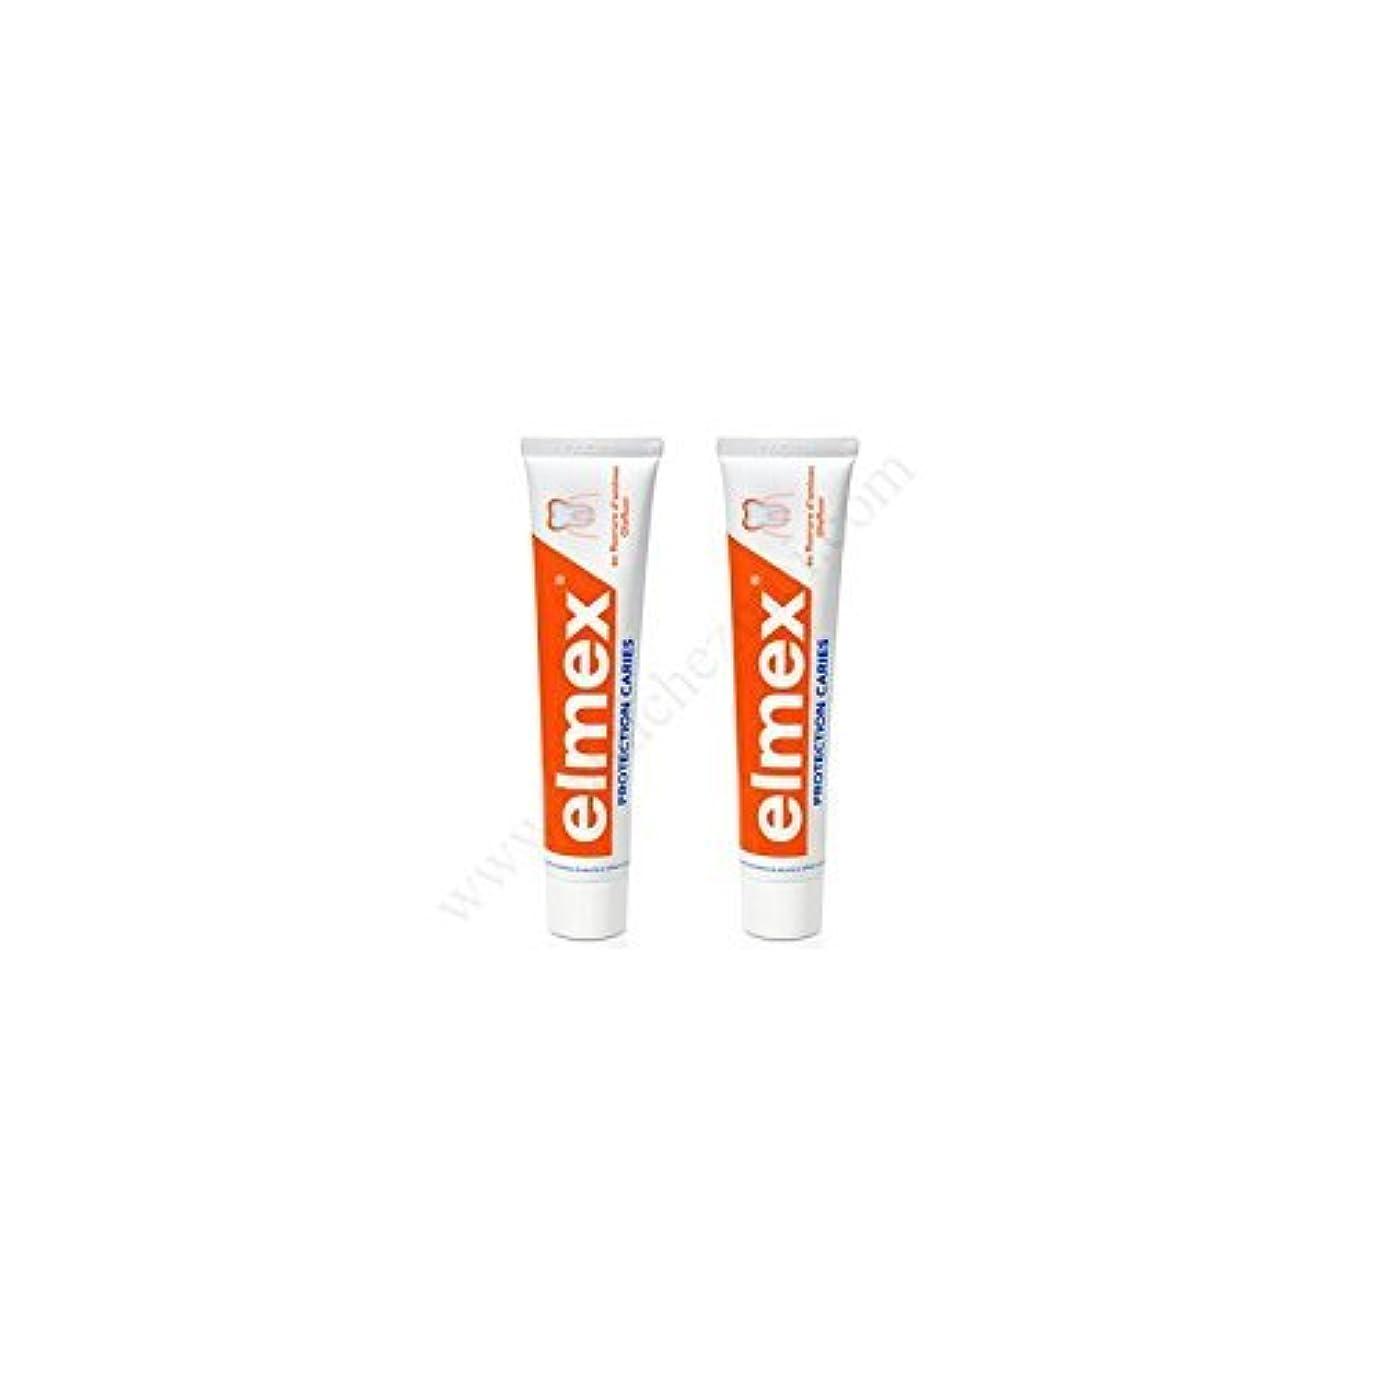 プレミアムズボンスカープElmex Decays Prevention Toothpaste 2x75ml by Elmex [並行輸入品]